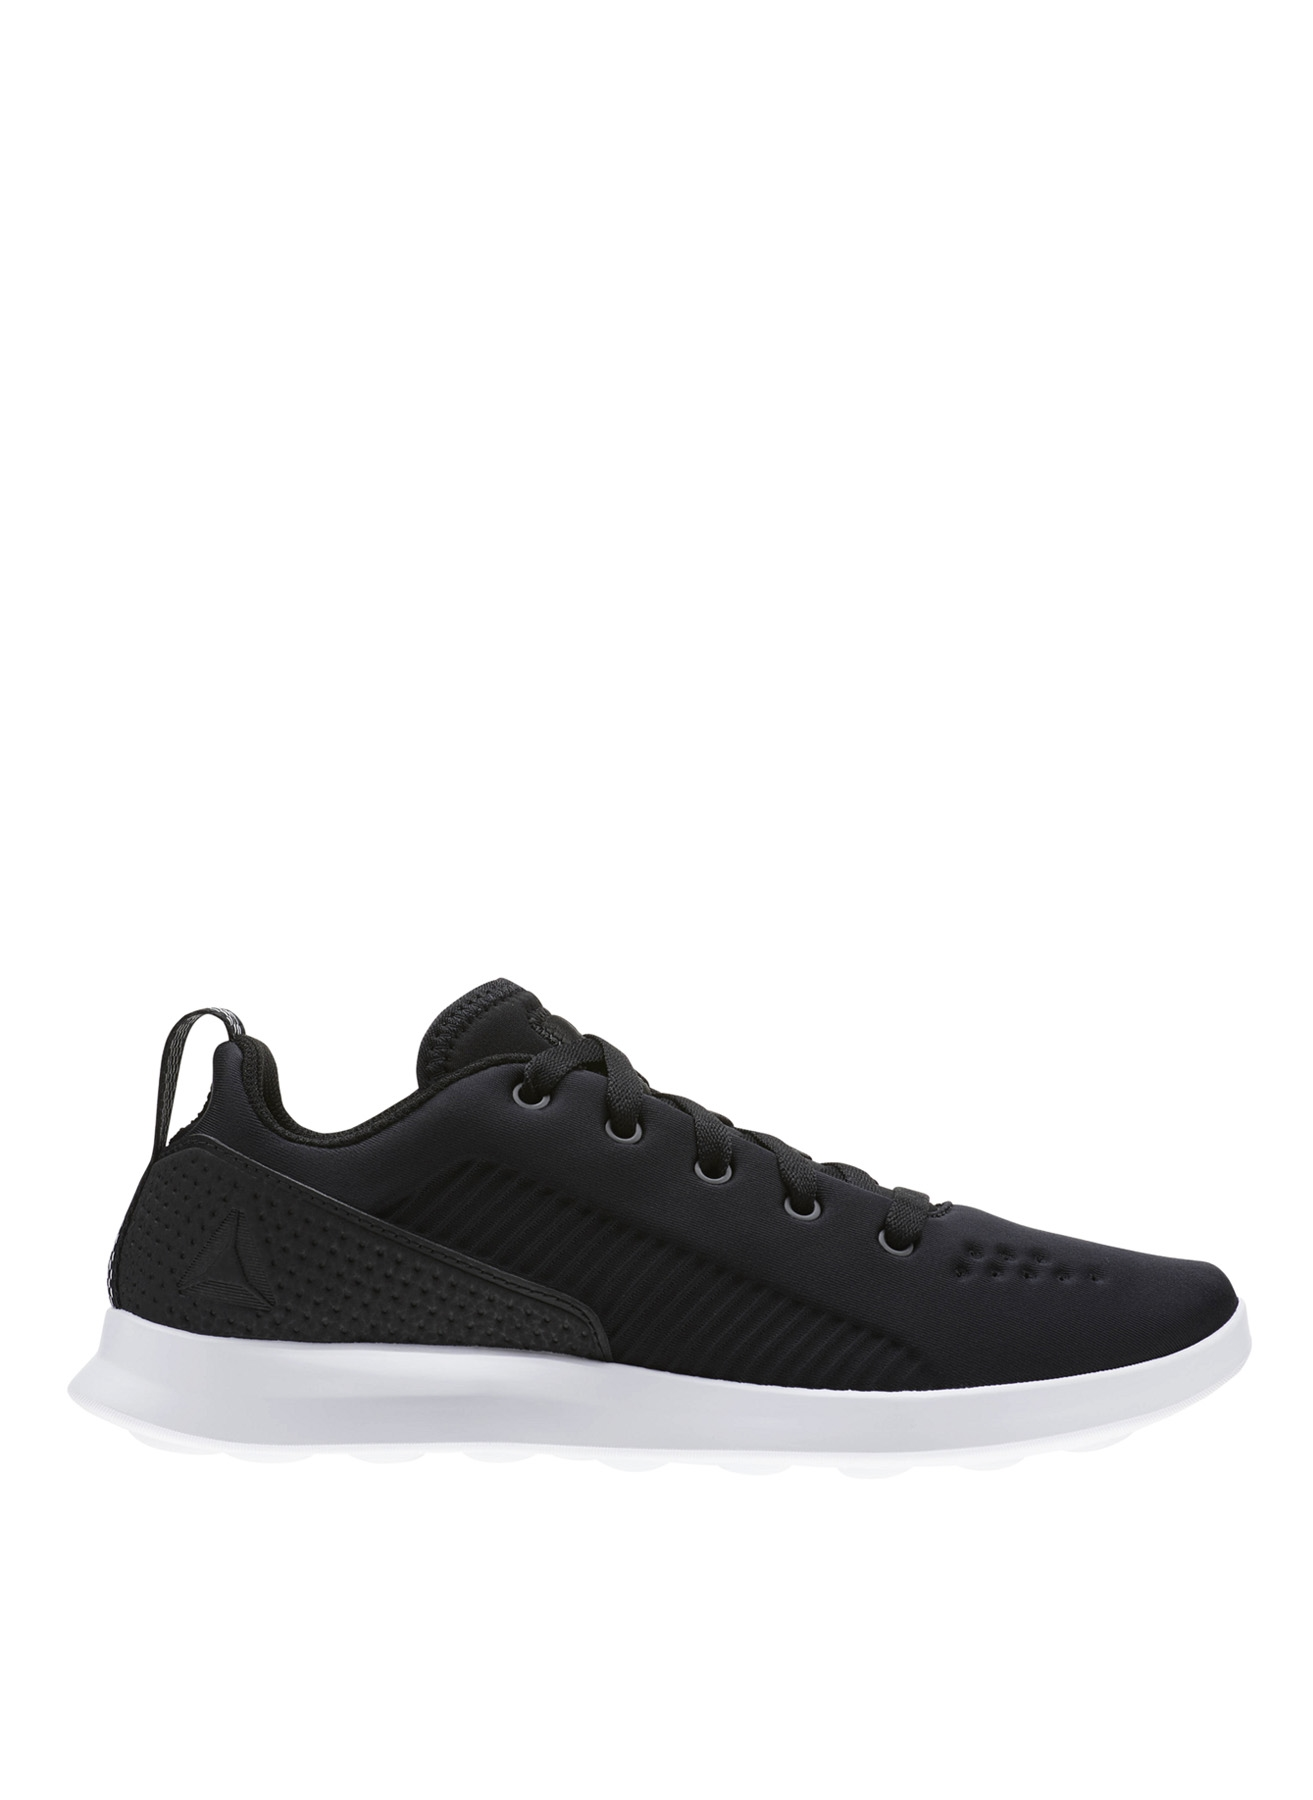 Reebok Evazure DMX Lite Koşu Ayakkabısı 39 5001633177006 Ürün Resmi